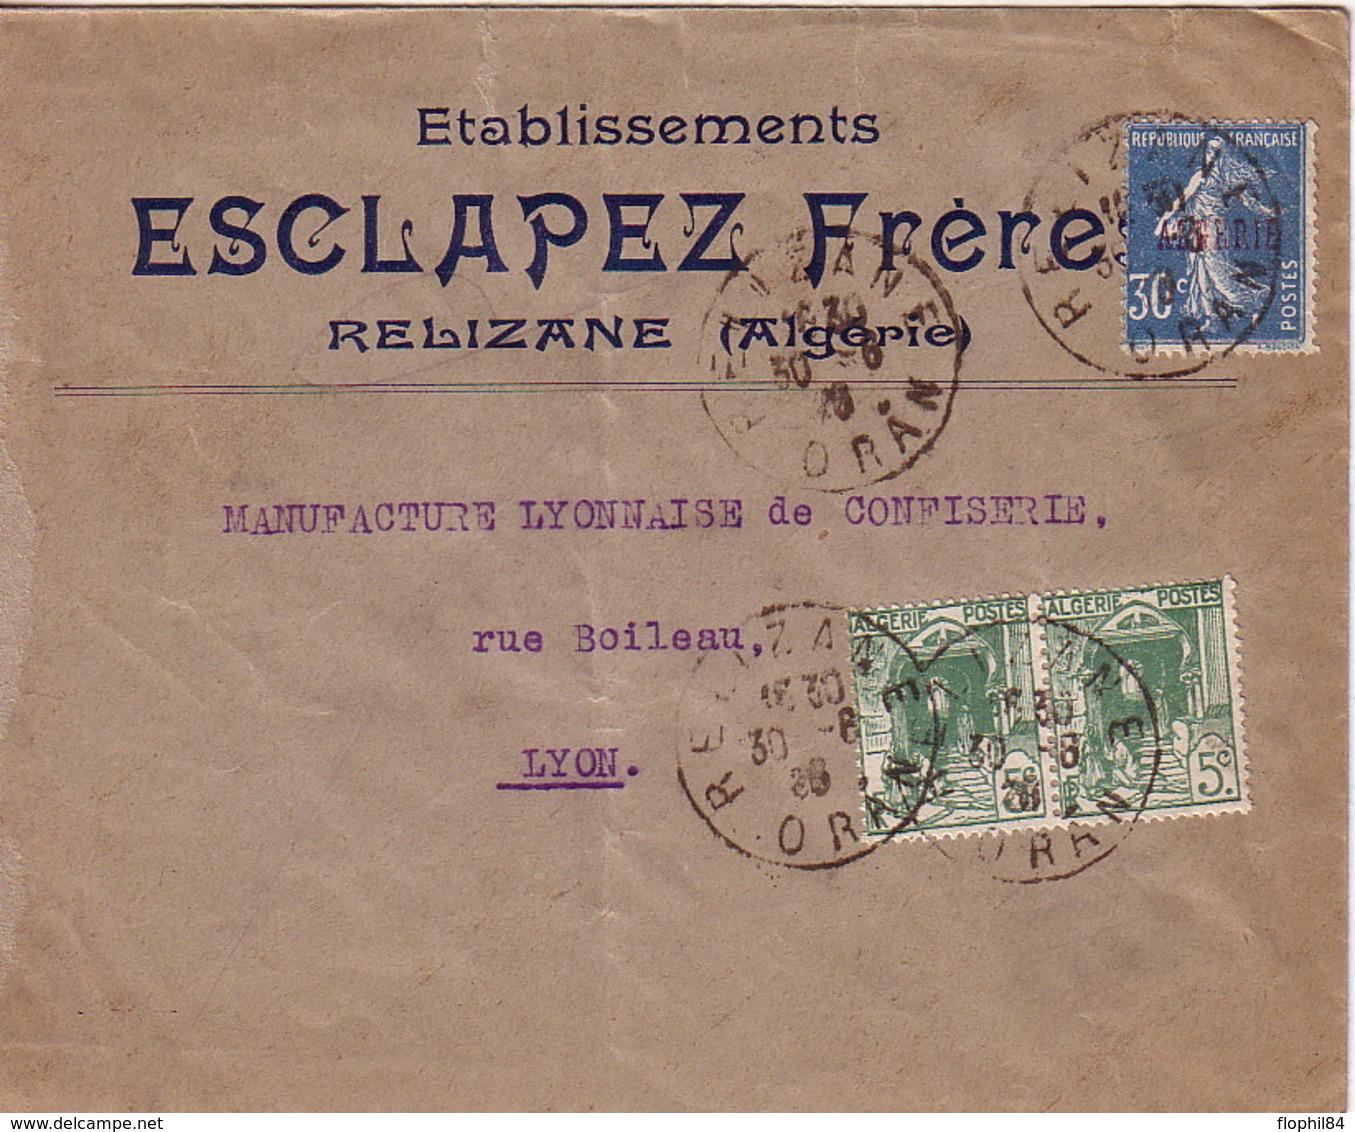 ALGERIE - SEMEUSE - 25c BLEU - RELIZANNE - ORAN - 31-8-1928 - ENVELOPPE POUR LA FRANCE - ENTETE ESCAPEZ FRERES RELIZANNE - Algeria (1924-1962)